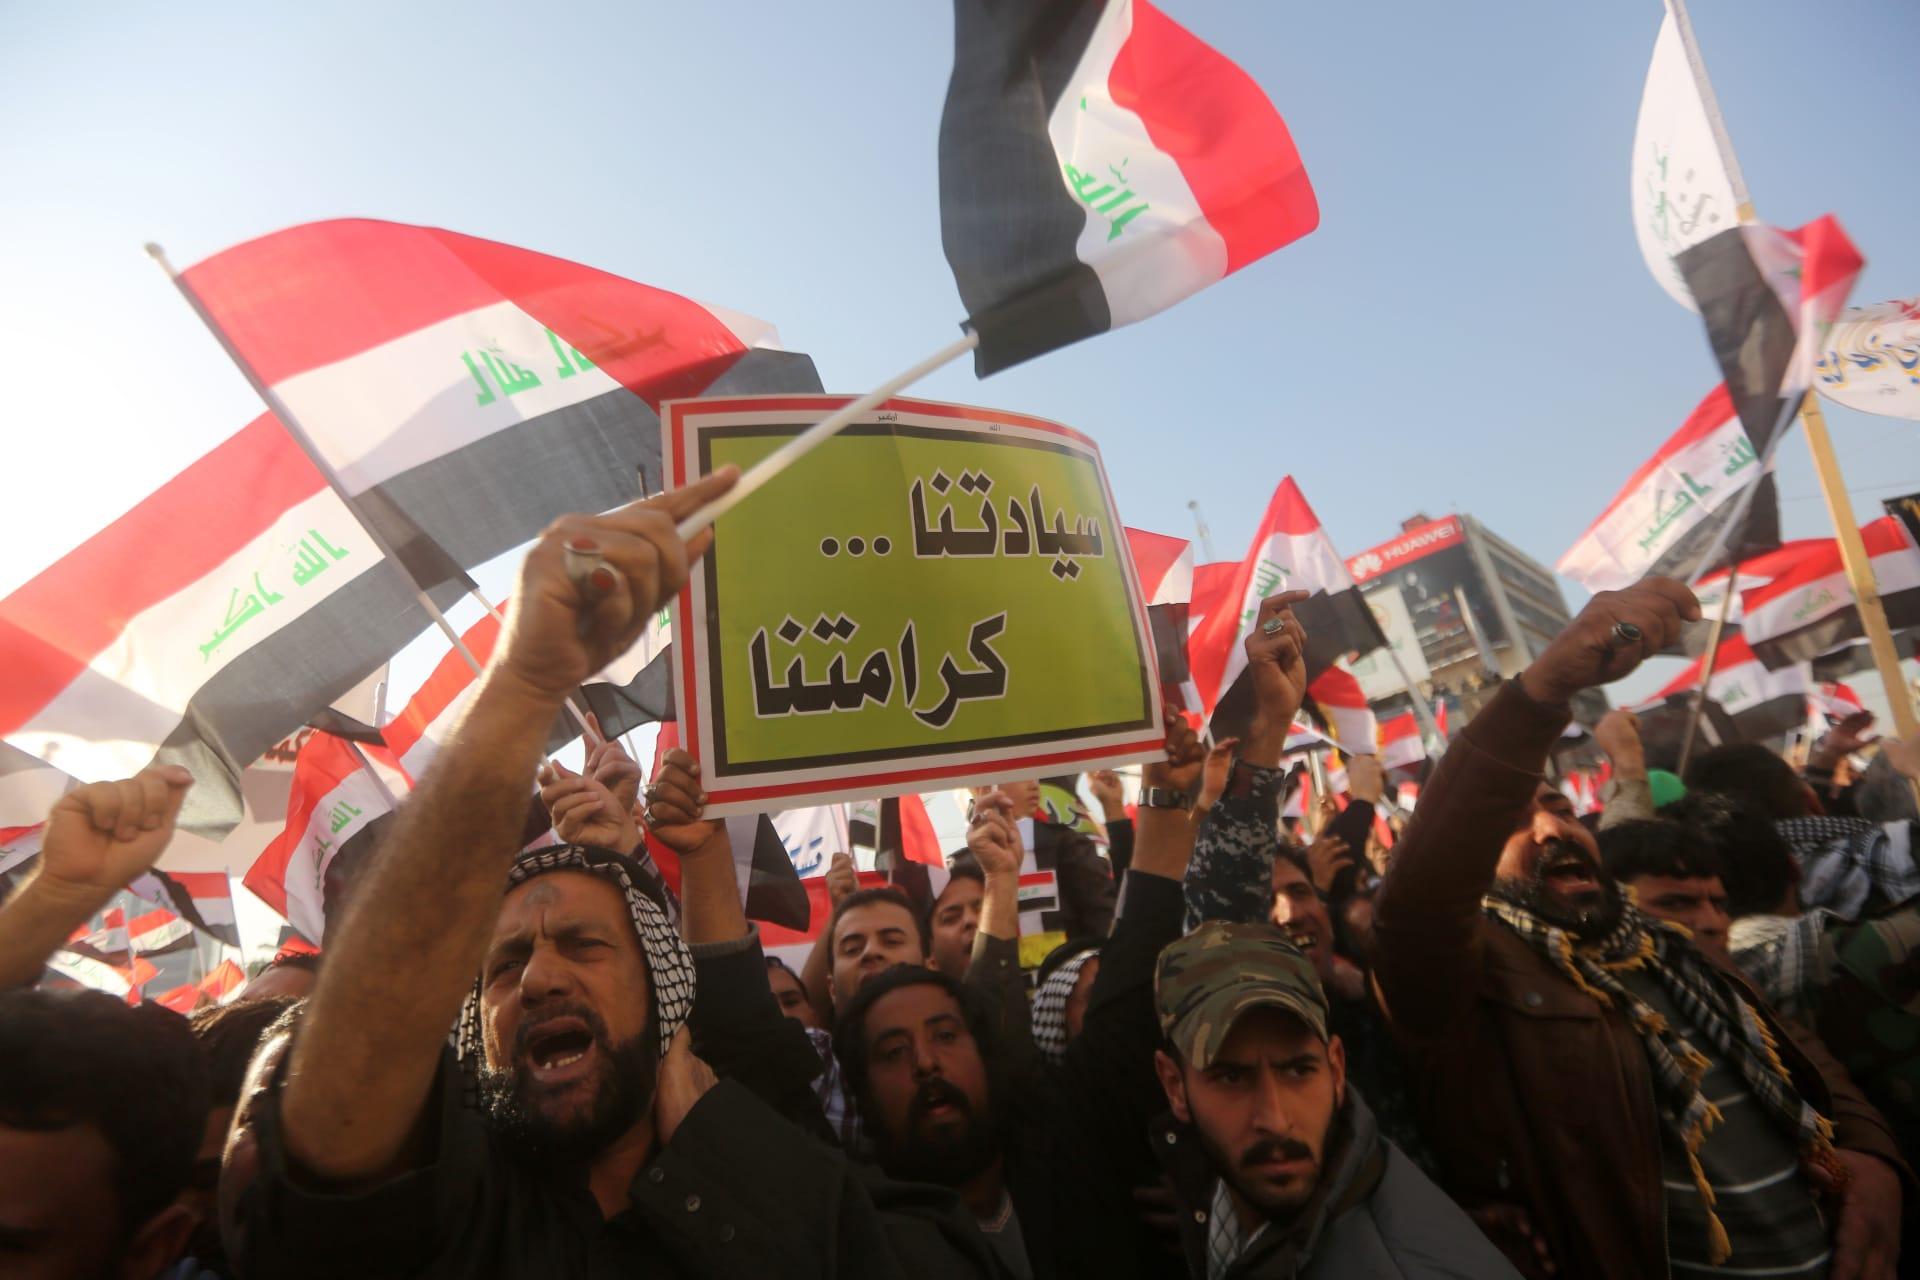 بعد محادثة أوباما وأردوغان.. أنقرة: سنسحب قواتنا من العراق تقديرا للمخاوف العراقية